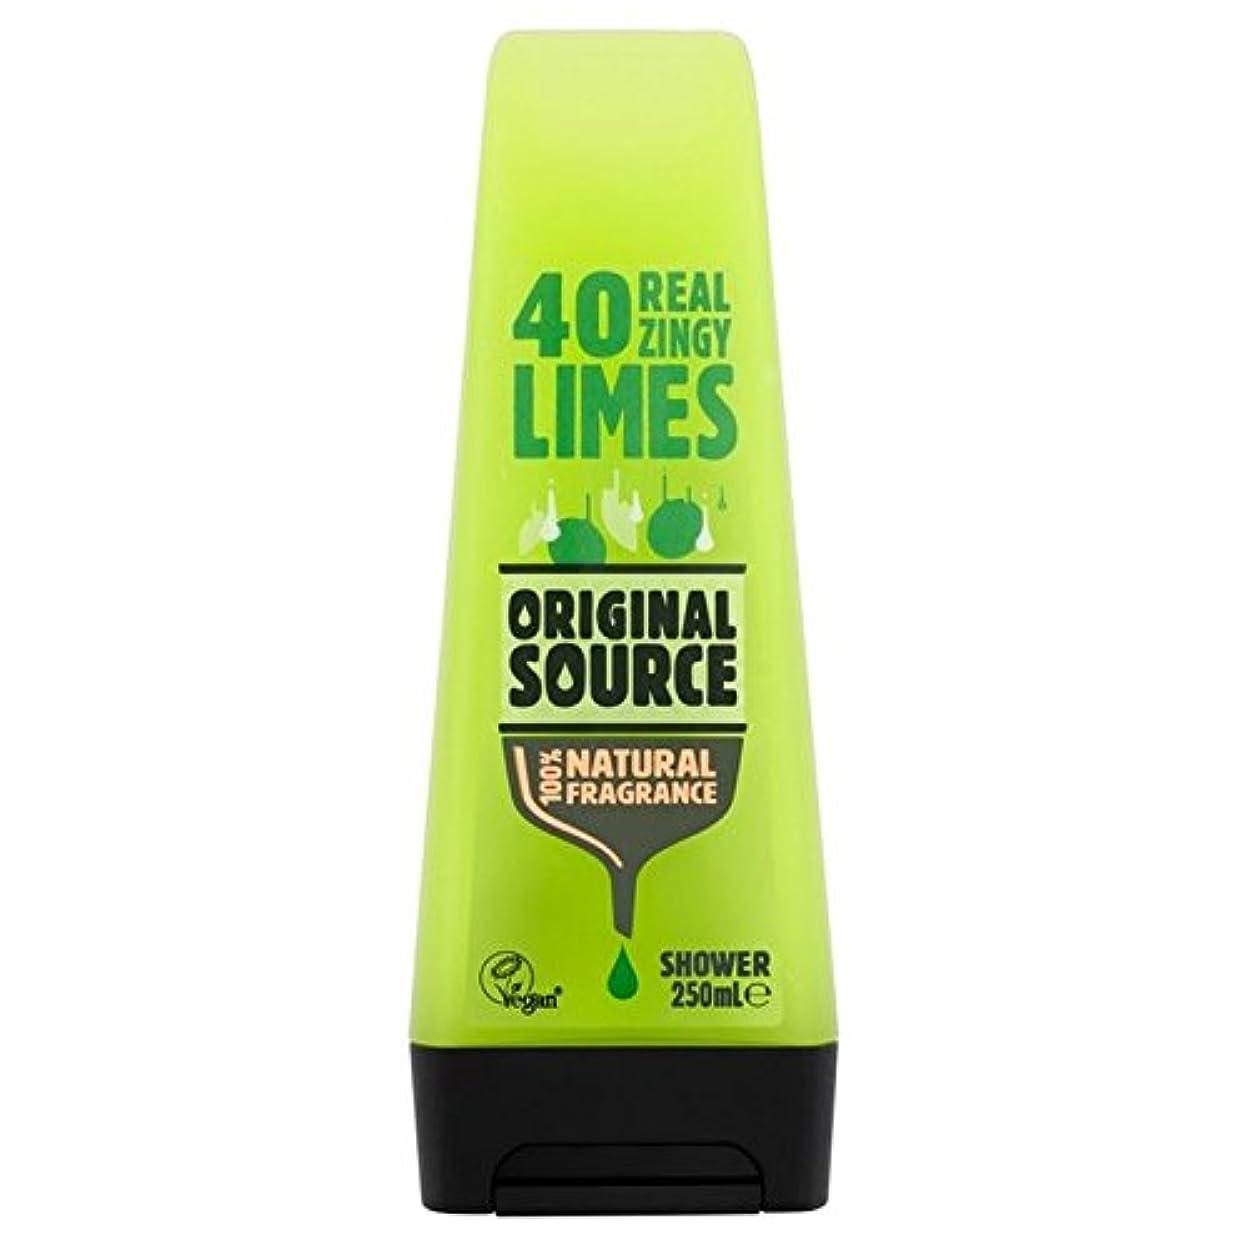 バンド貴重な指定Original Source Lime Shower Gel 250ml - 元のソースライムシャワージェル250ミリリットル [並行輸入品]